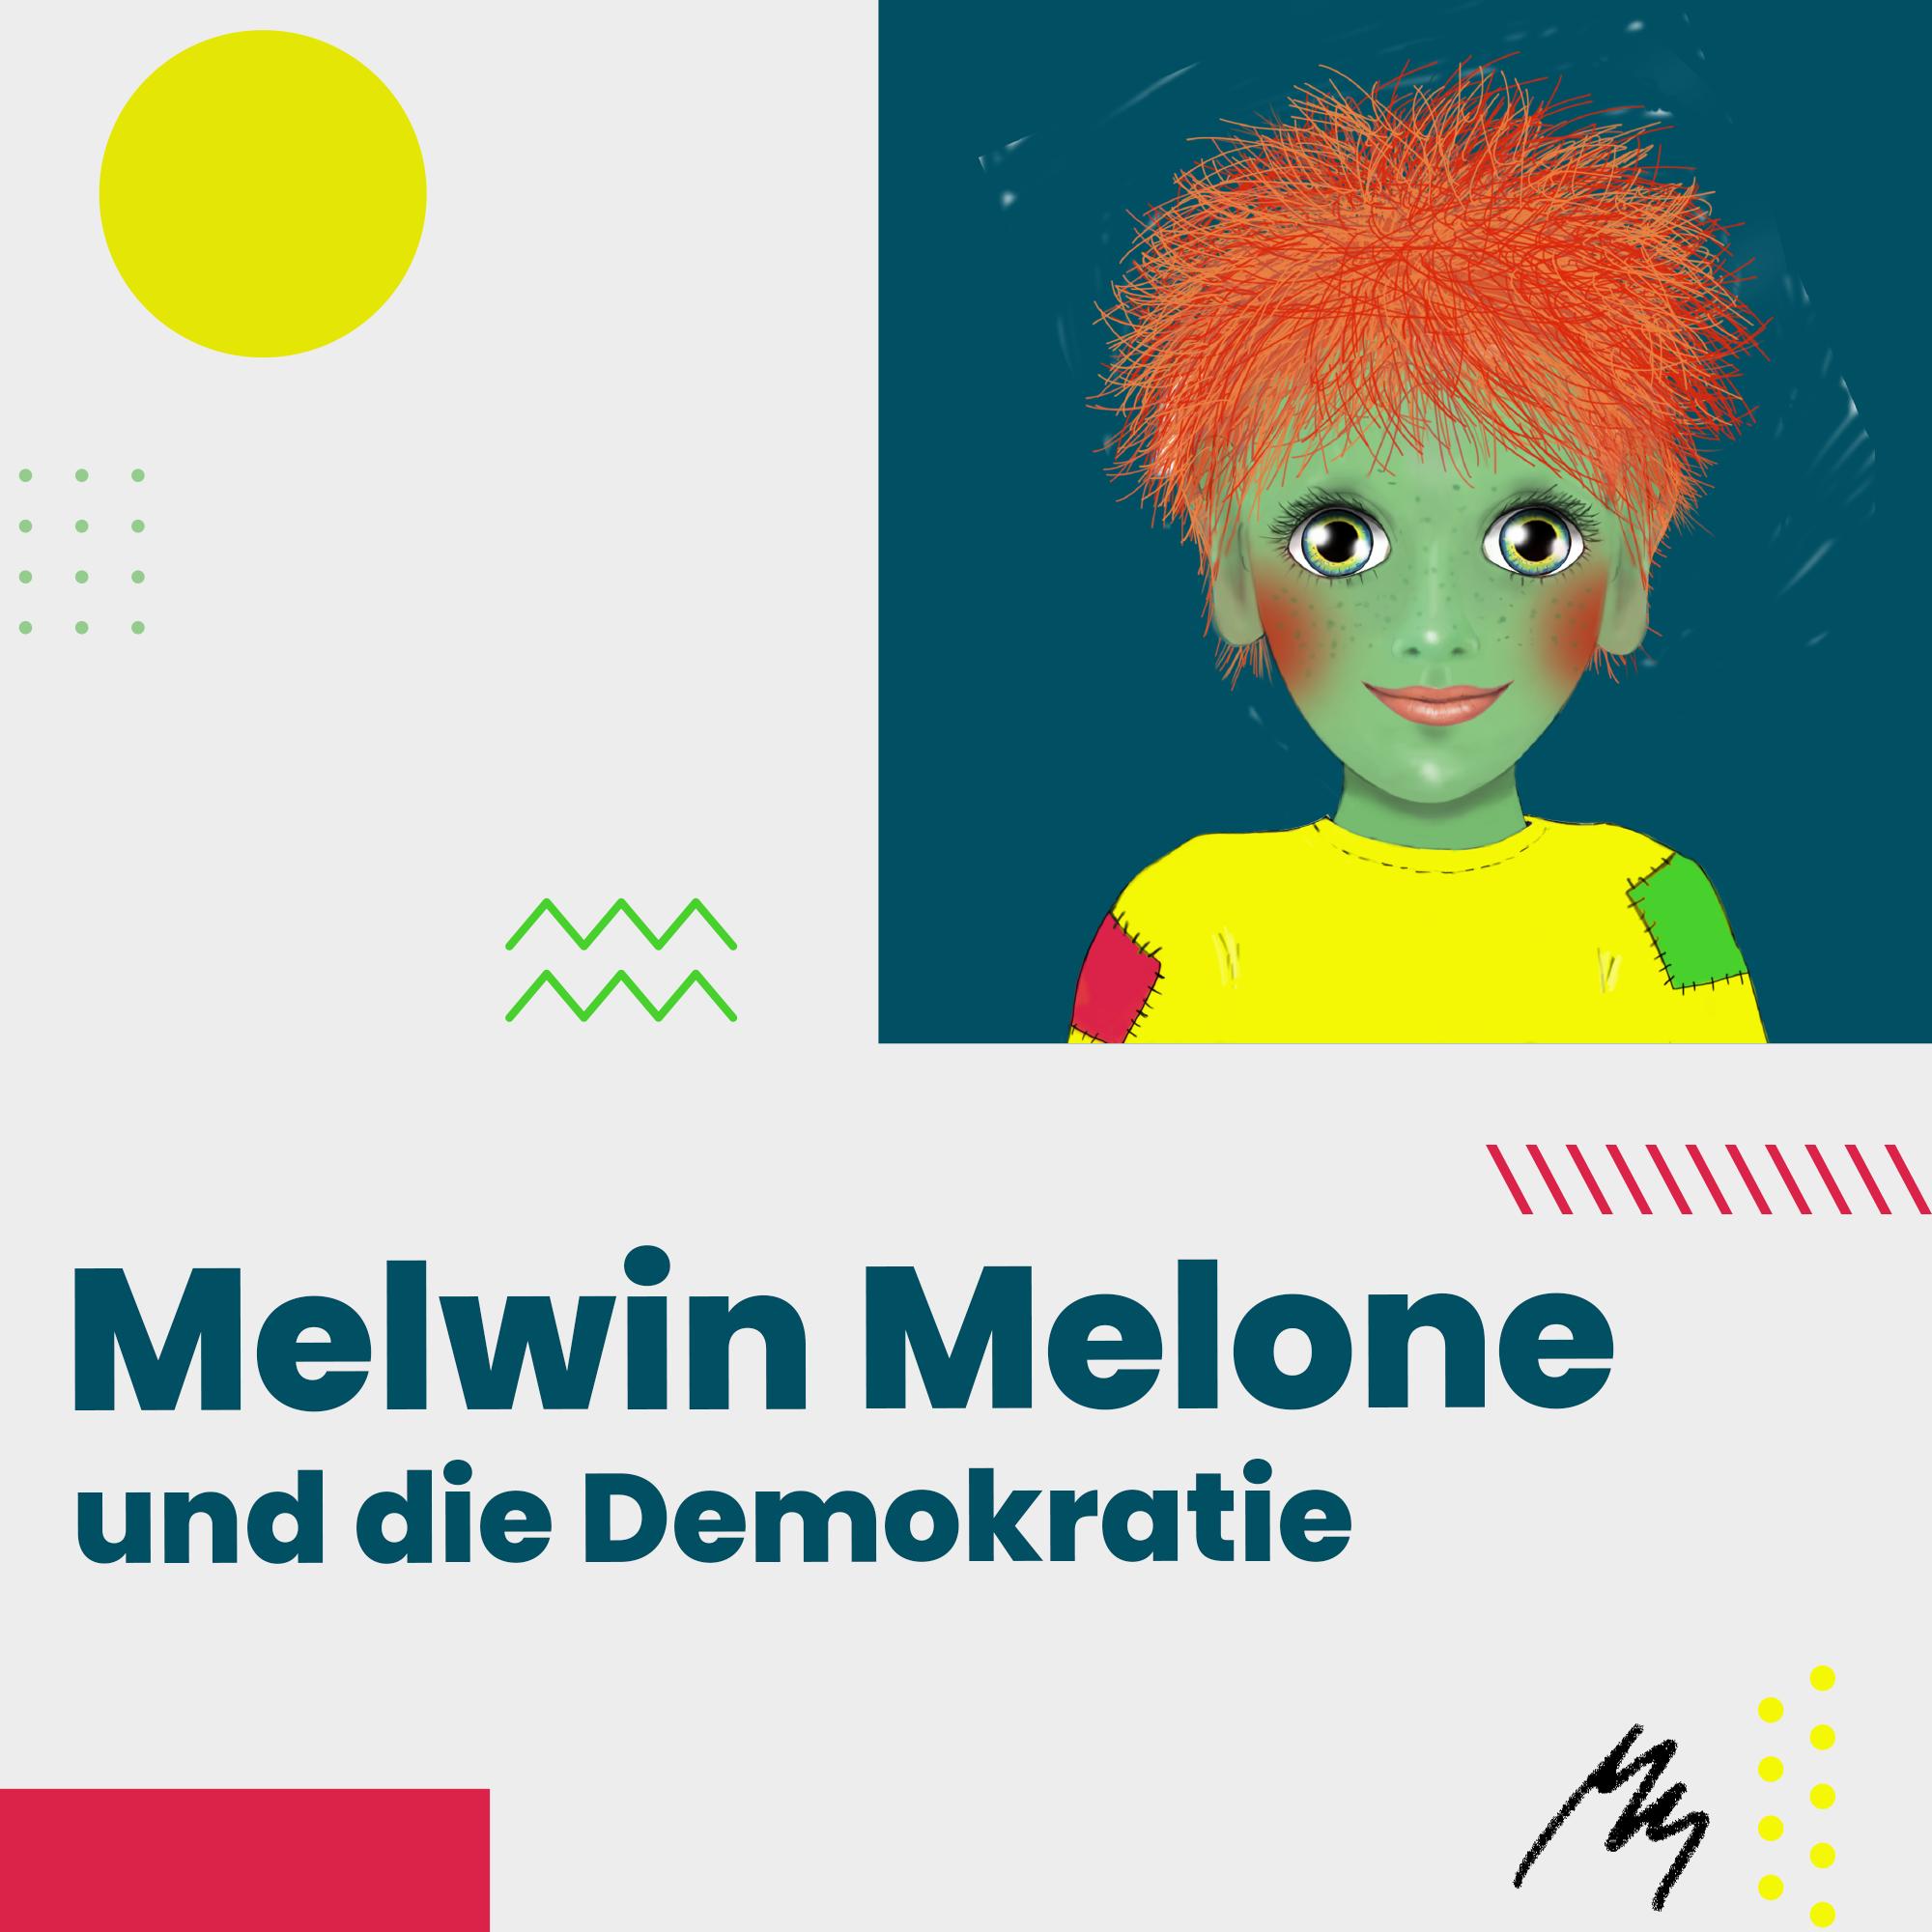 Melwin Melone und die Demokratie